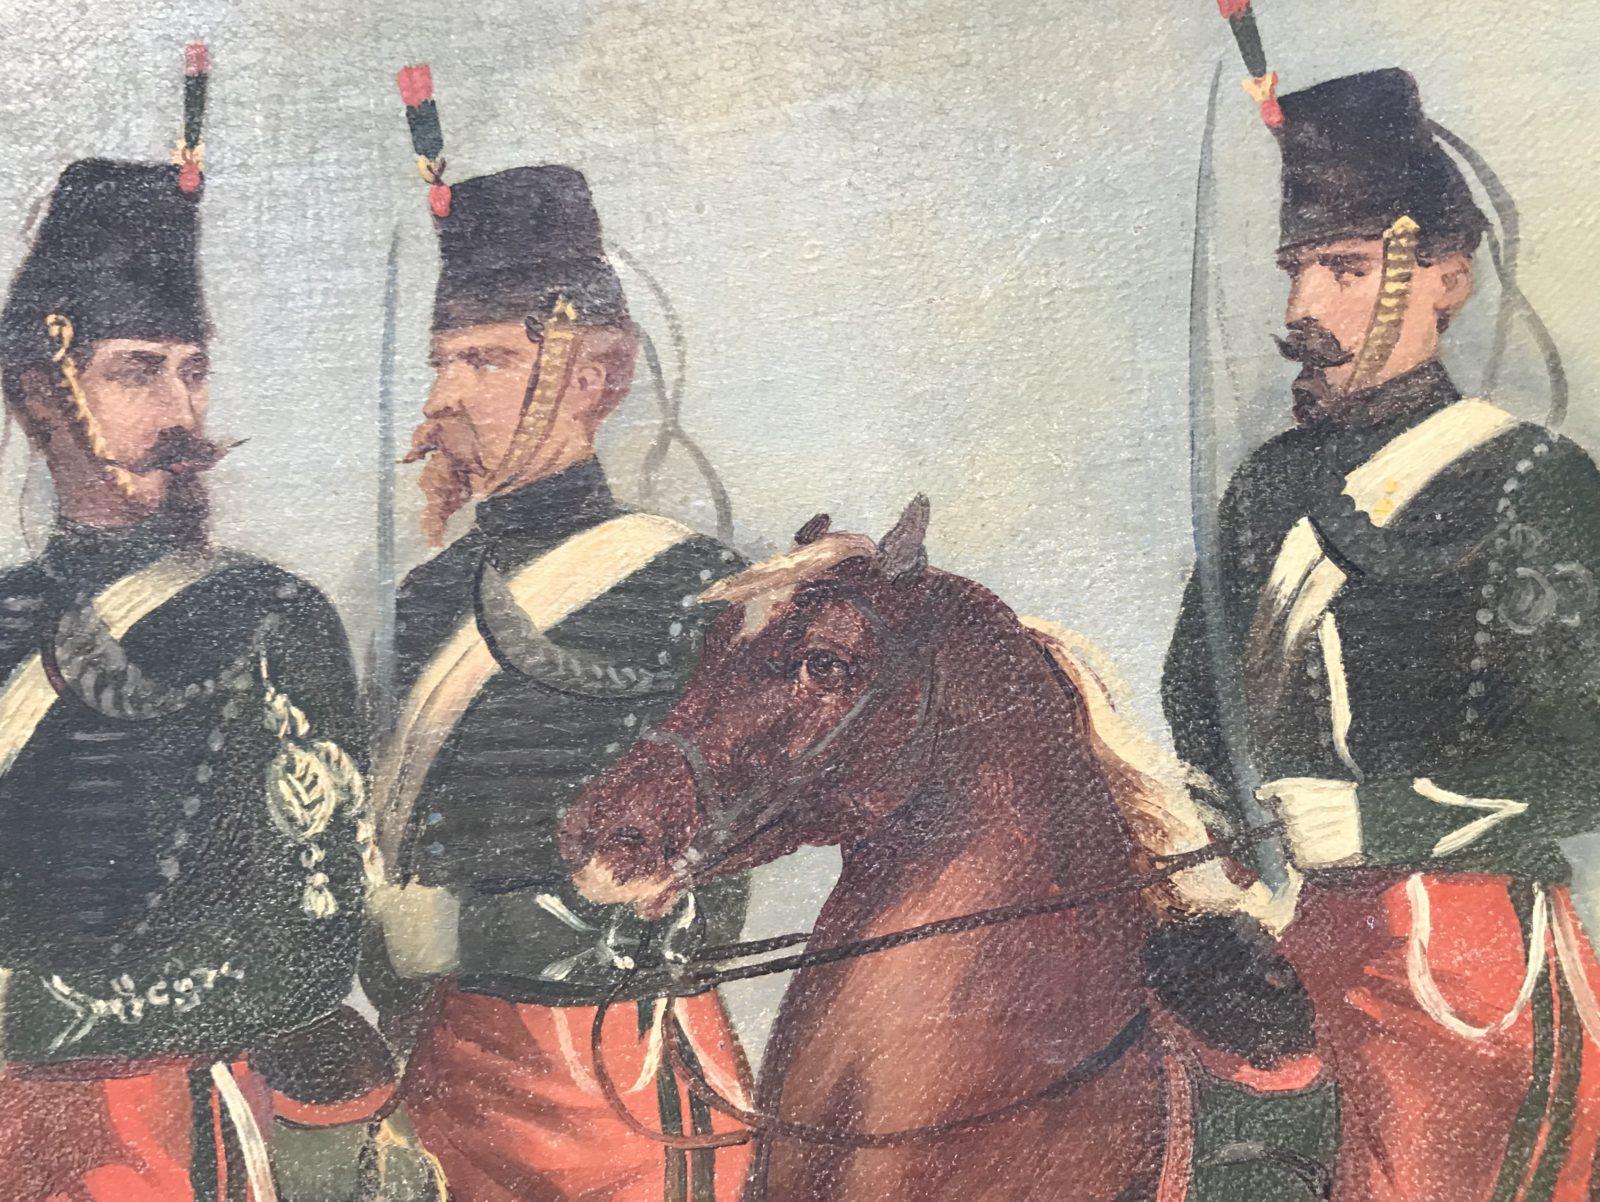 Peinture originale Chasseurs à Cheval Second Empire - Grande toile - Uniforme - Napoléon III